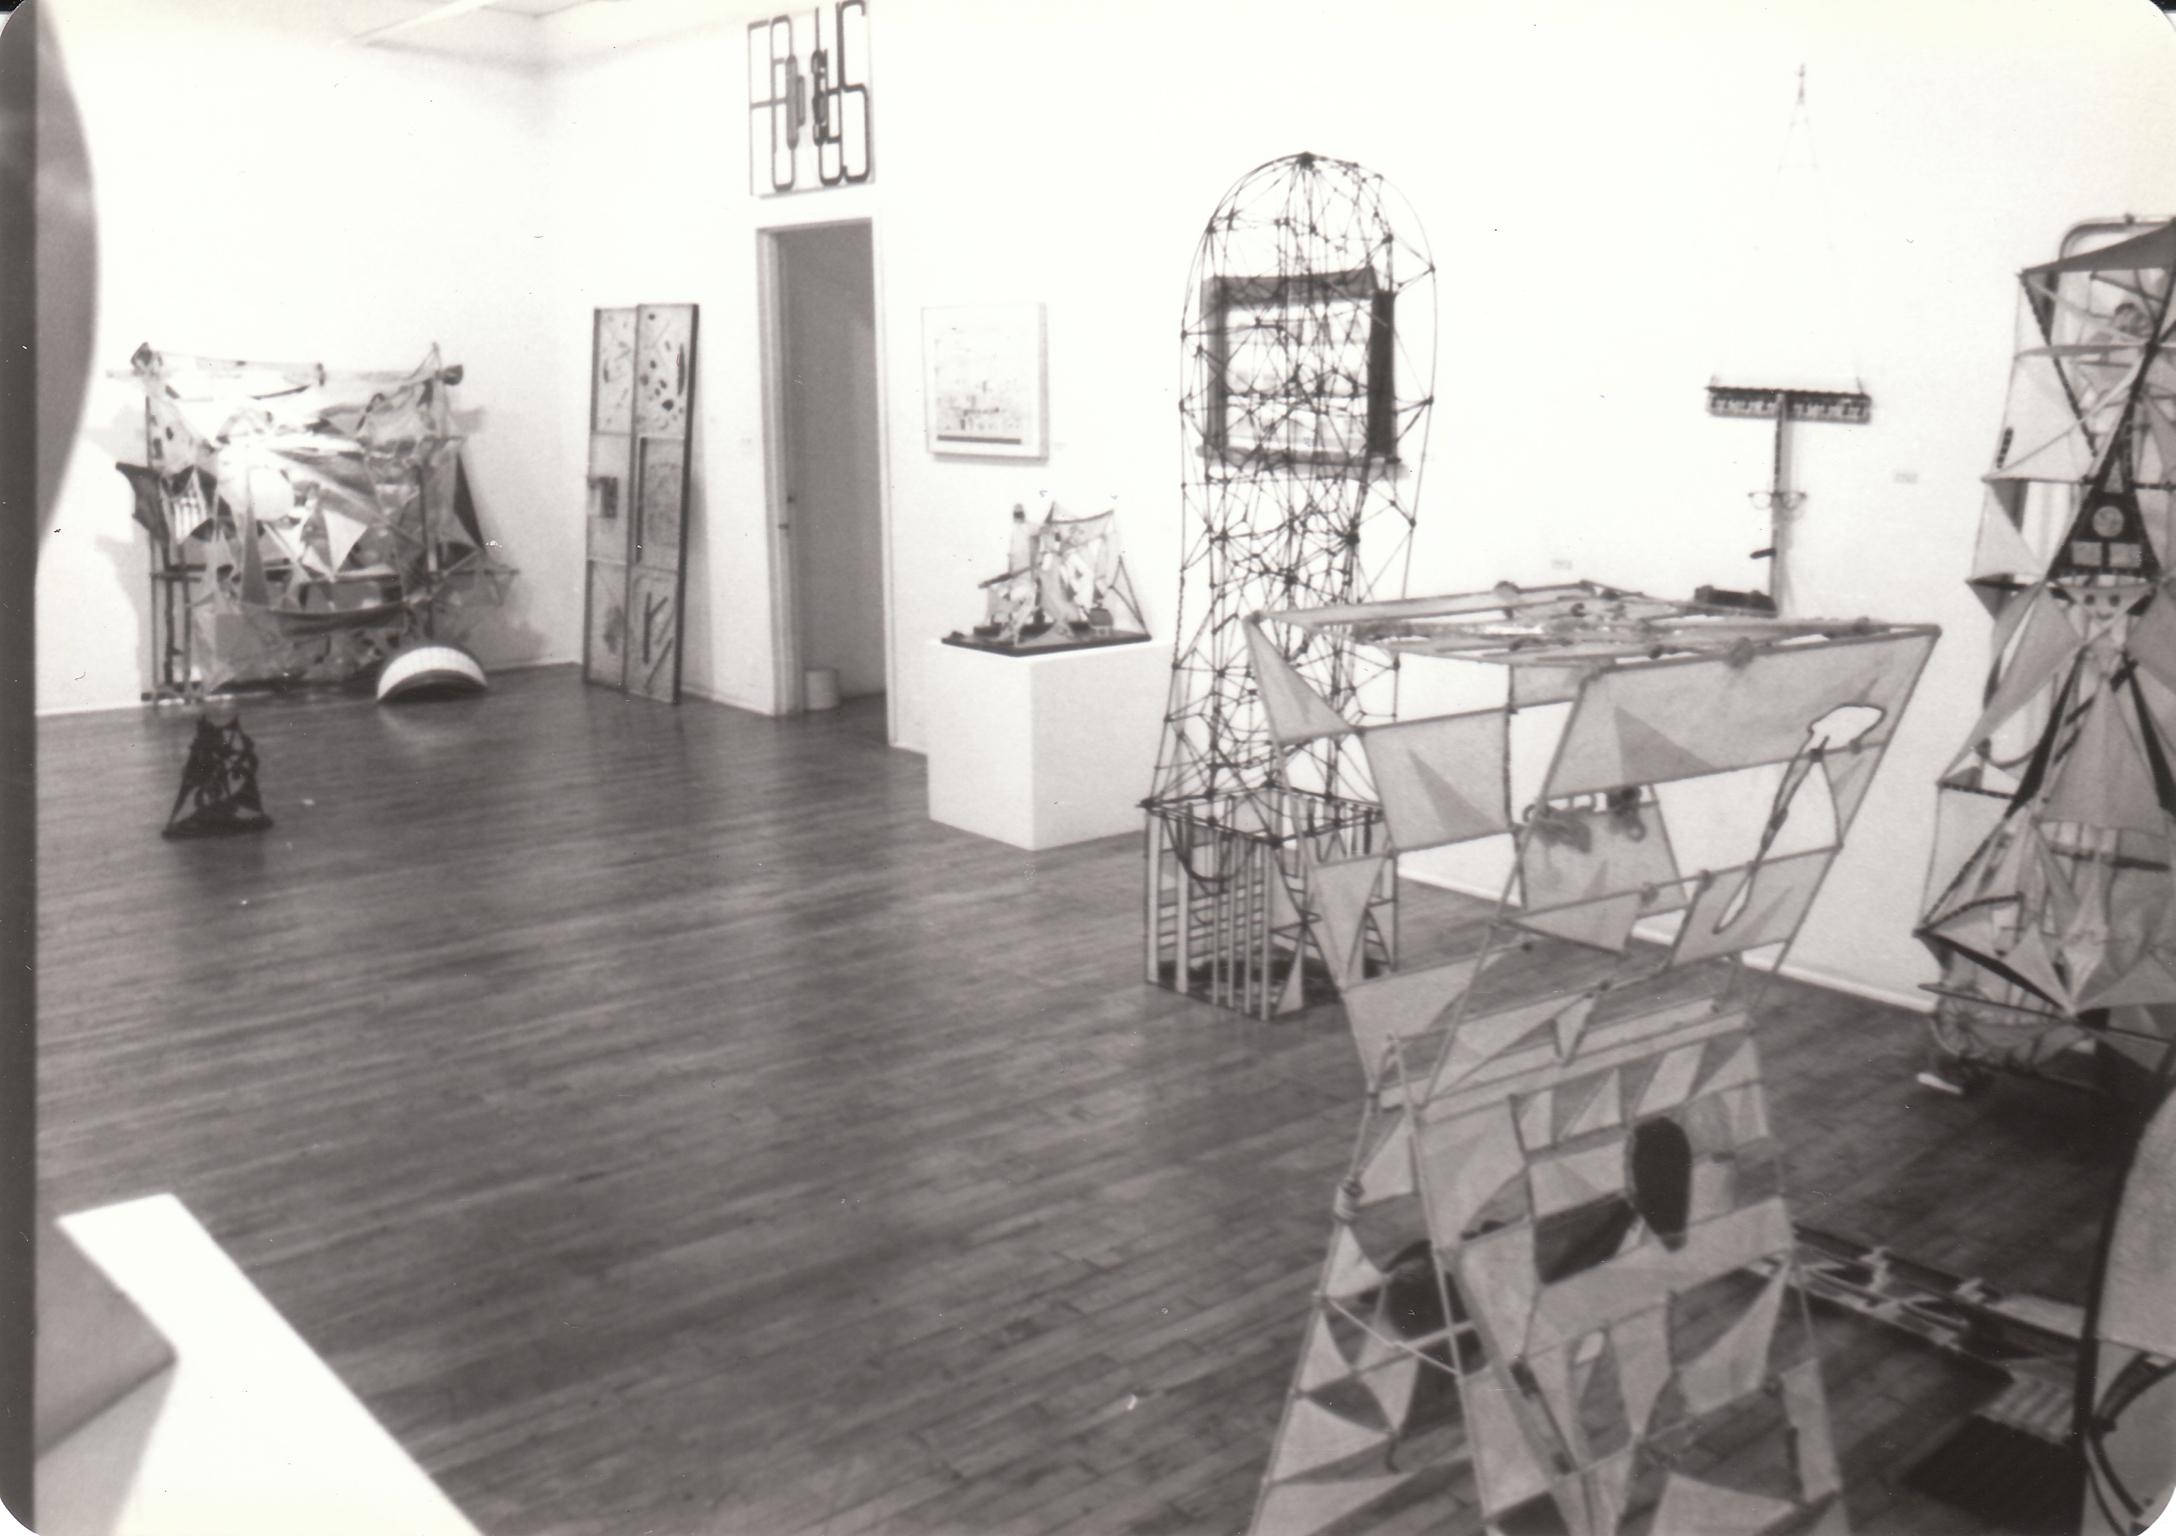 1980 Phyllis Kind Gallery NYC _0014.jpg